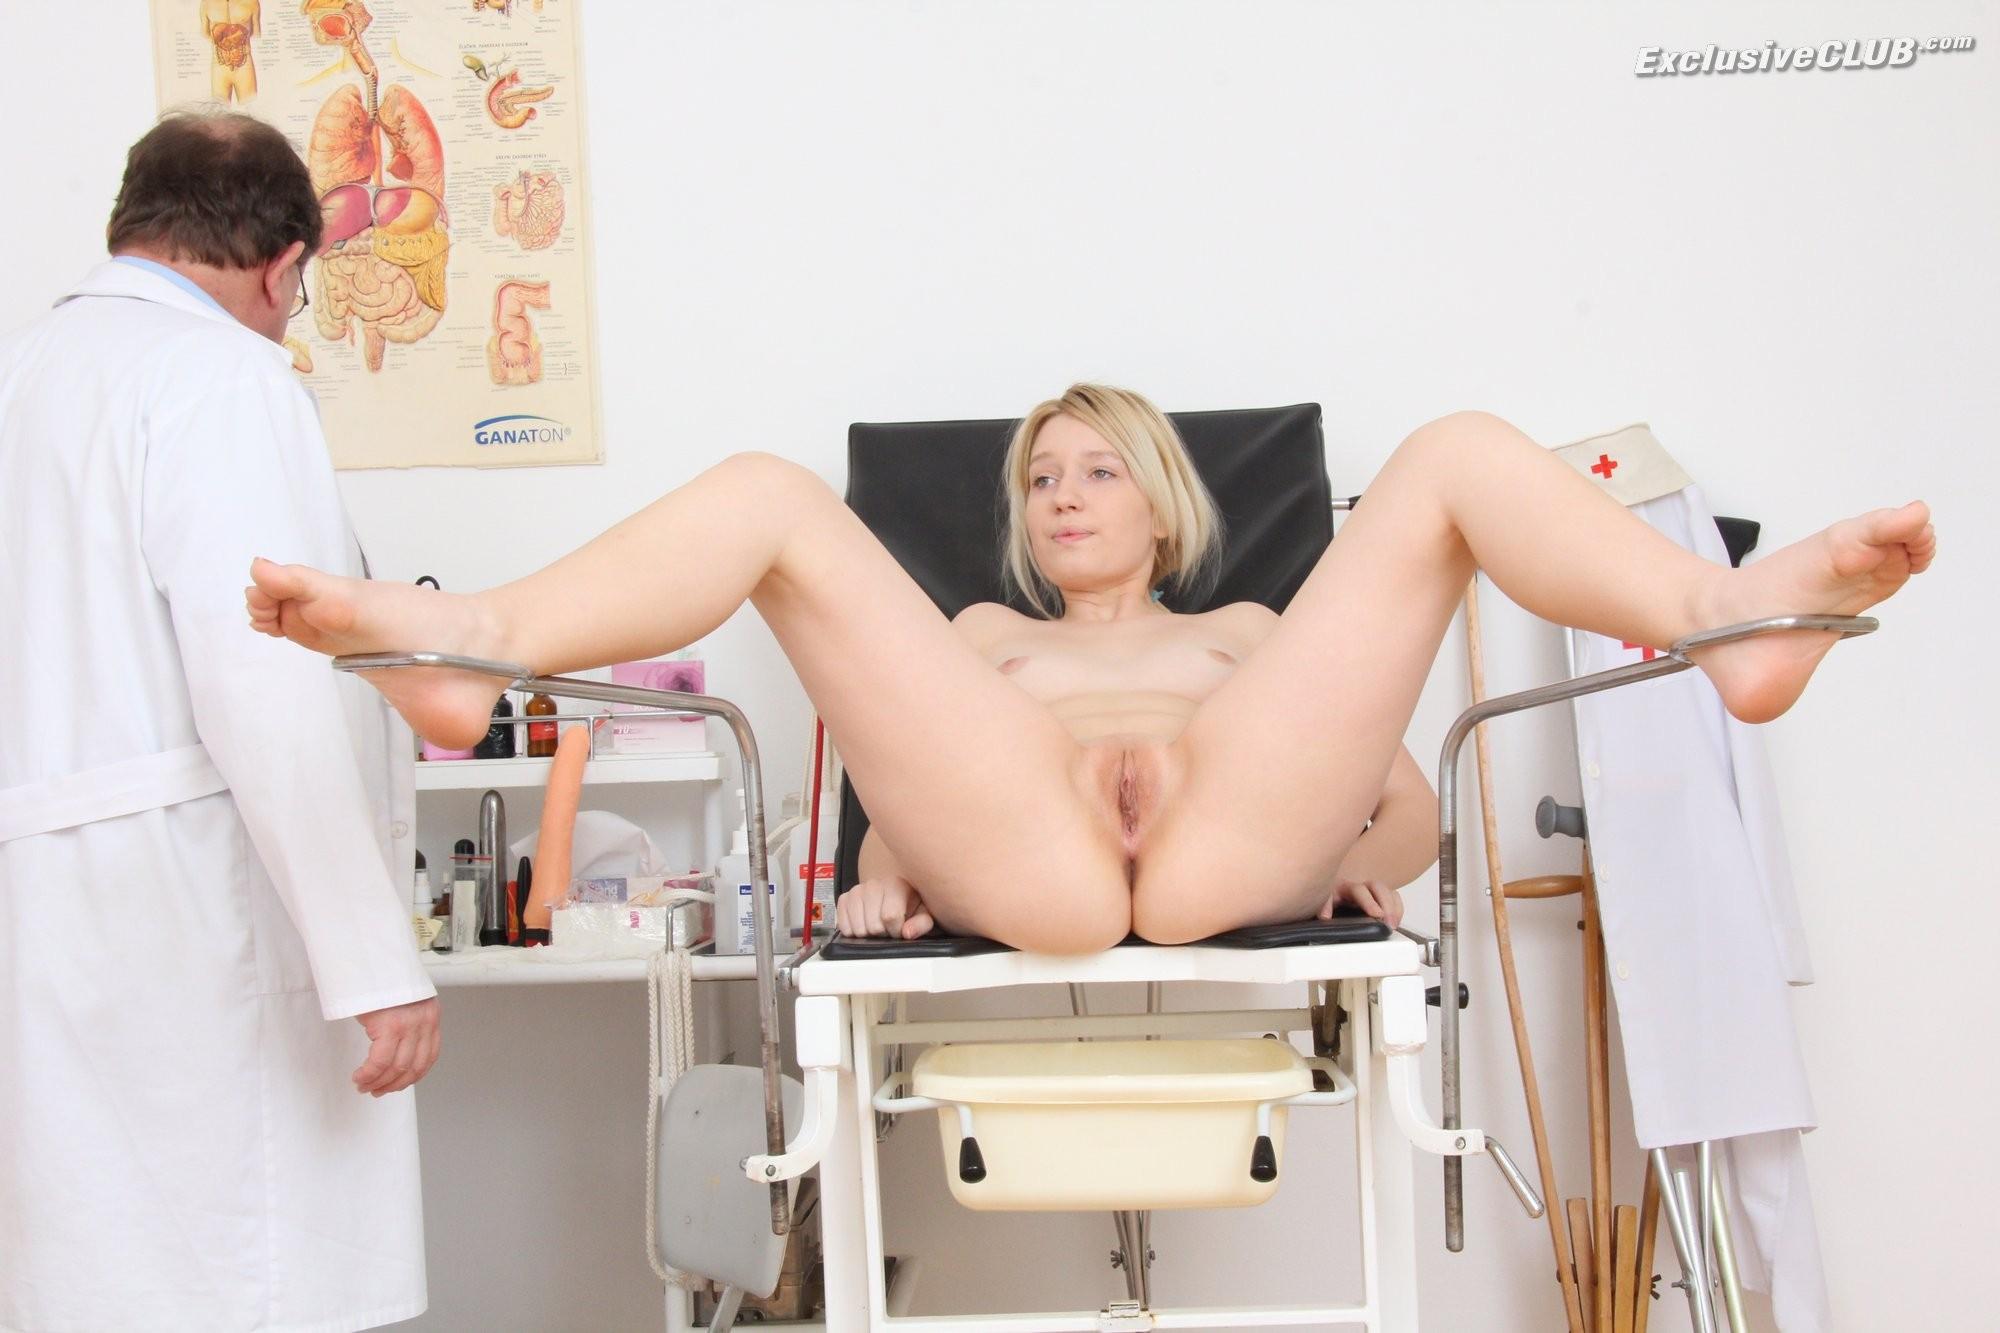 окна мелькает онлайн видео в кабинете у гинеколога даже